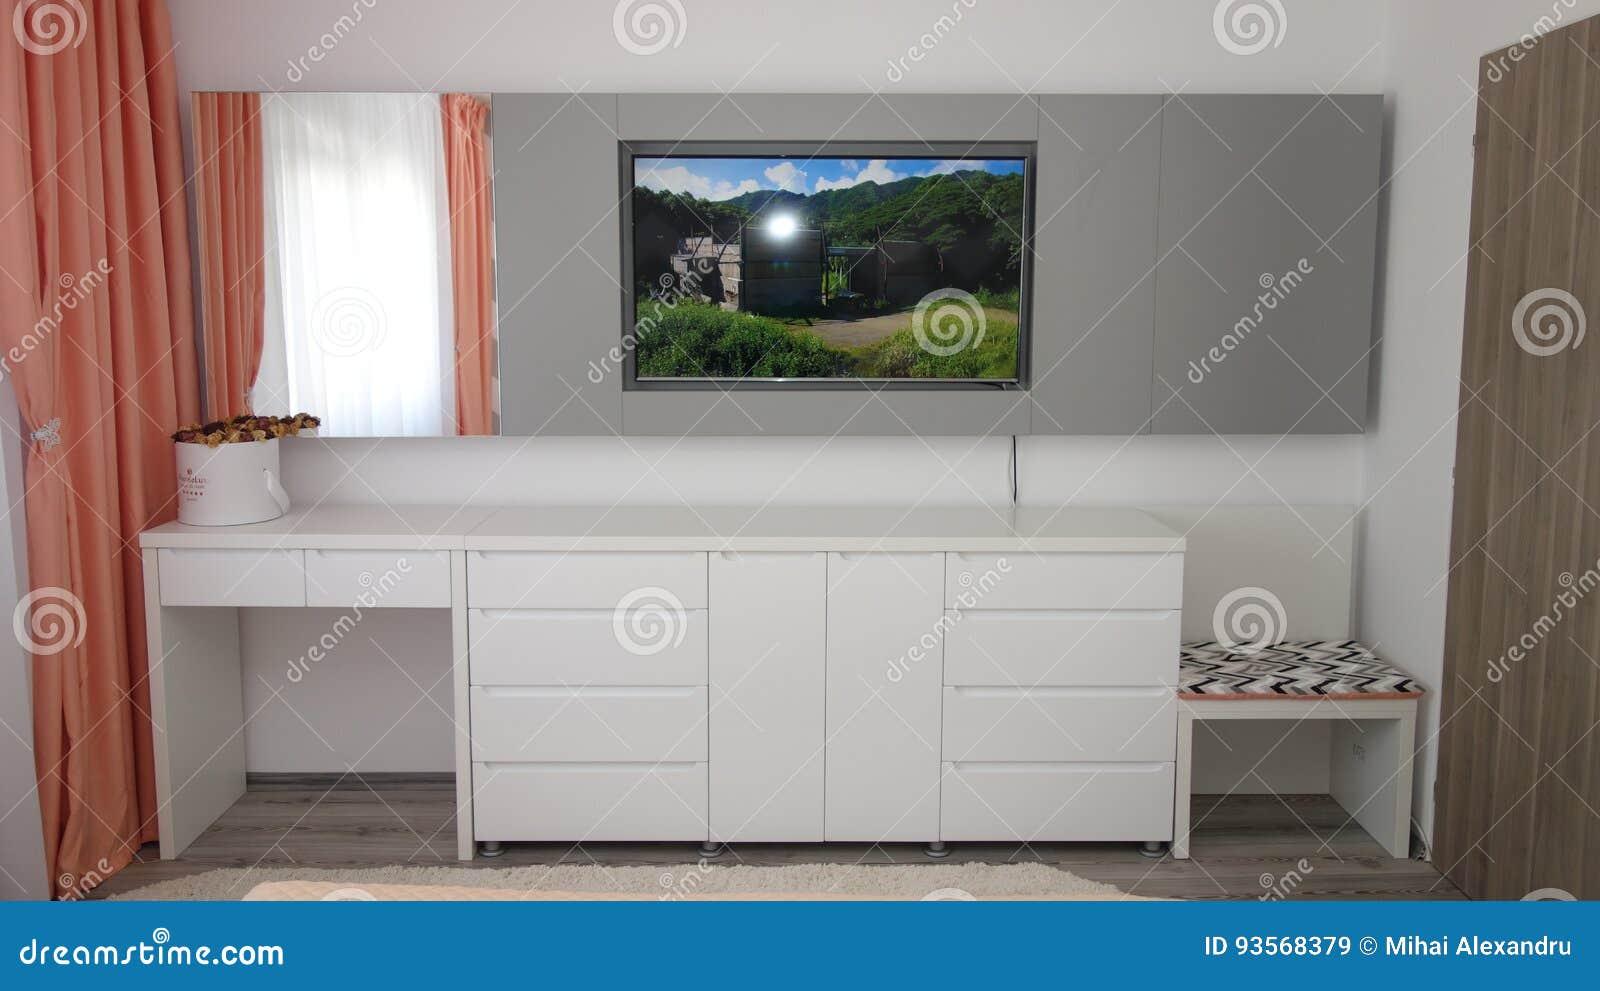 Kleedkamer In Slaapkamer : Het ontwerpidee van de flatjeslaapkamer de tribune van muurtv